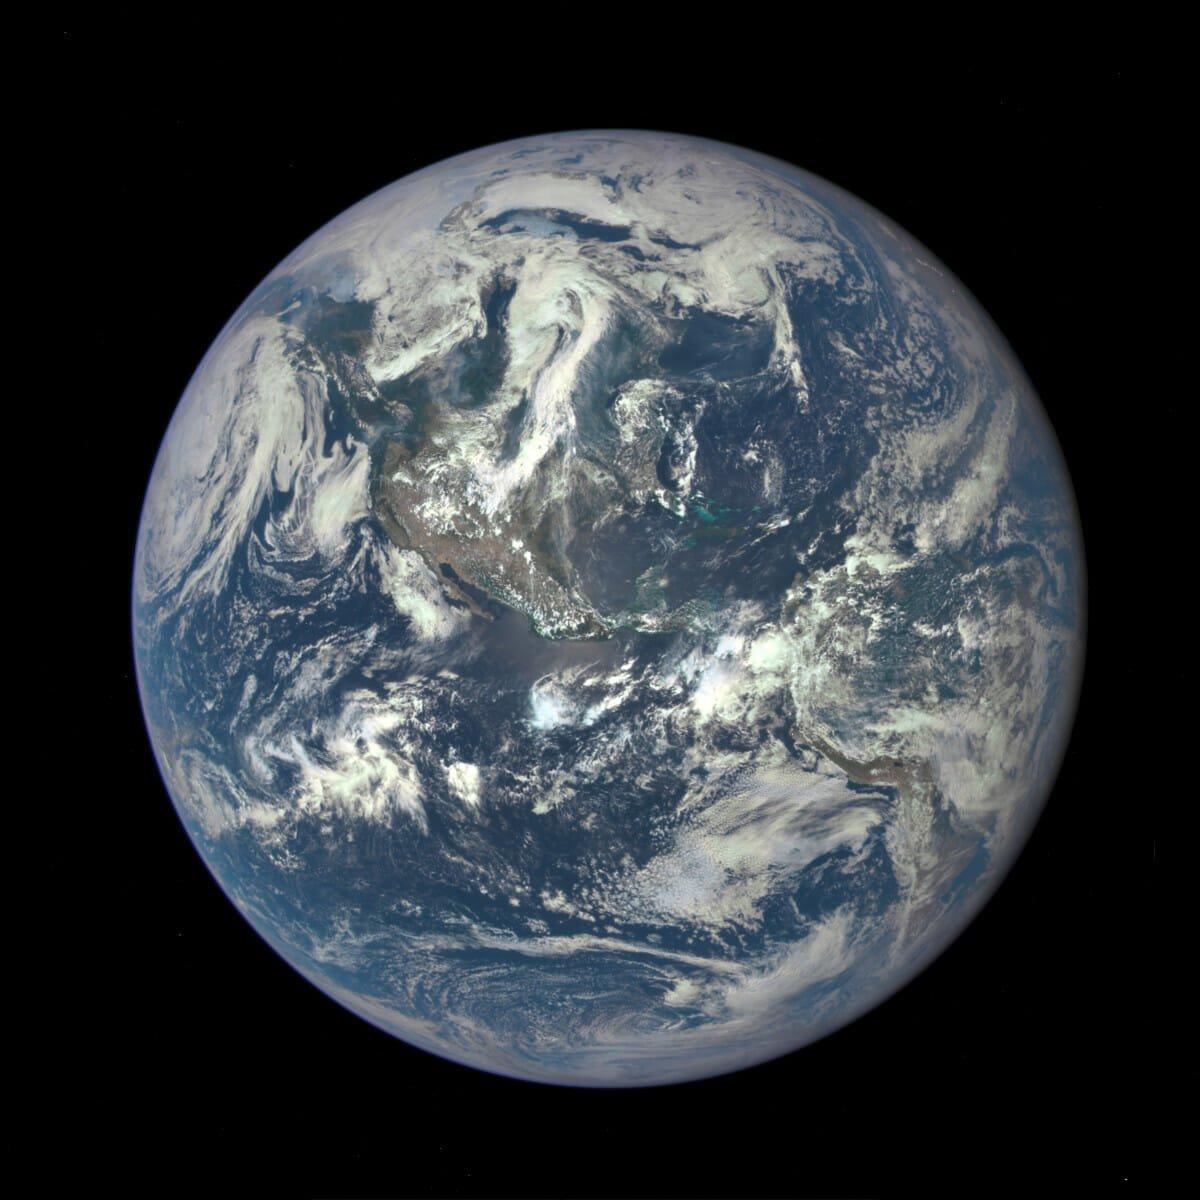 誕生当時の地球には現在の海水の数十倍もの水がもたらされていたかもしれない(Credit: NASA)